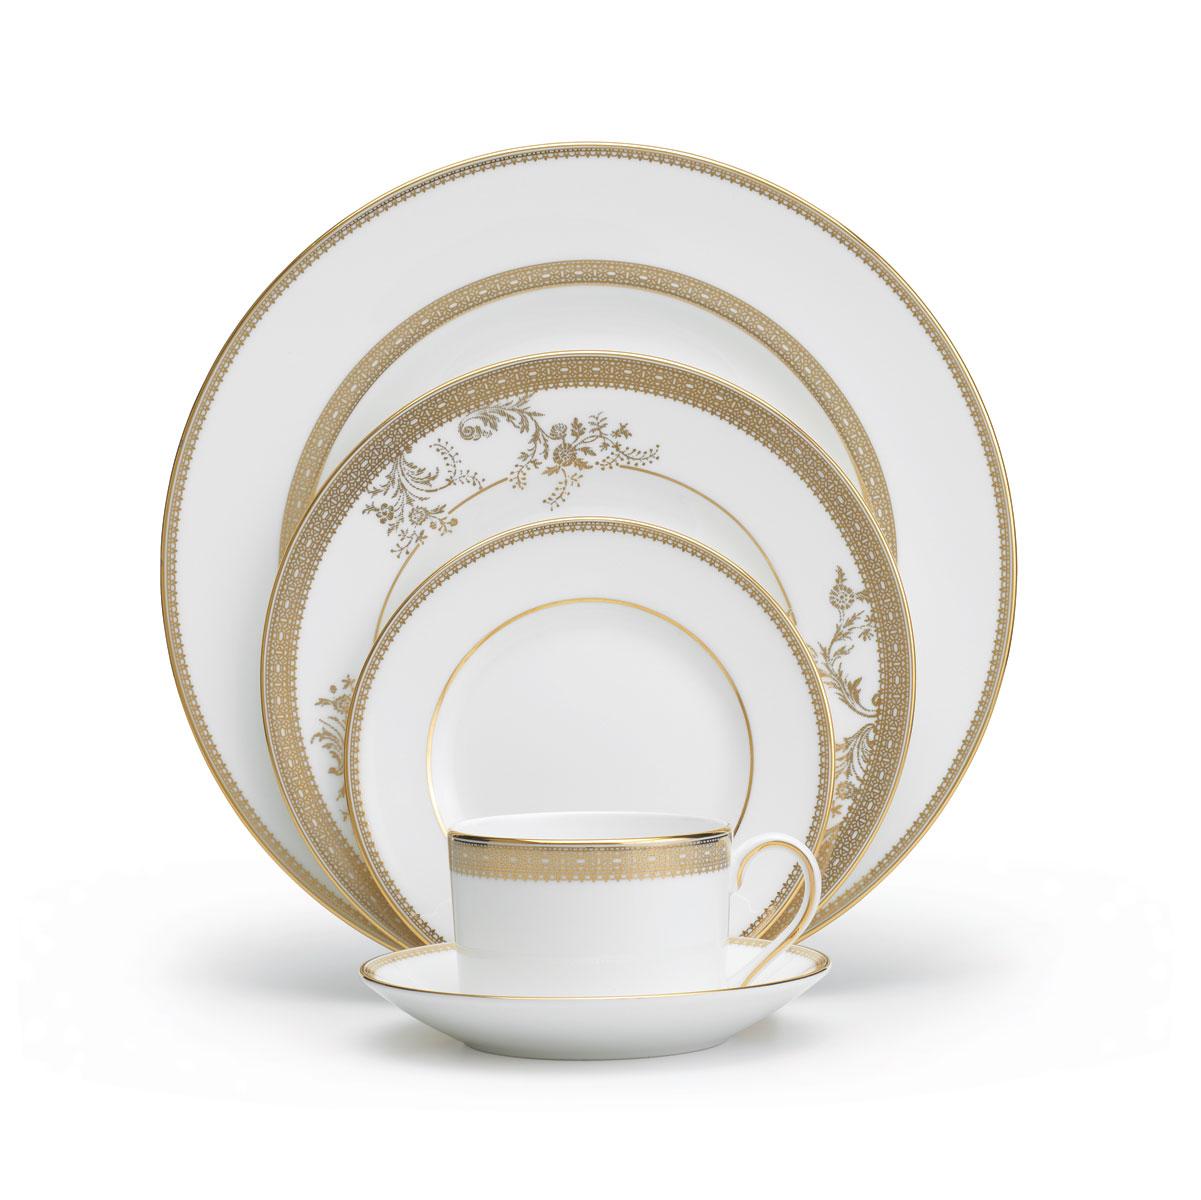 Vera Wang Wedgwood China Vera Lace Gold, 5 Piece Place Setting